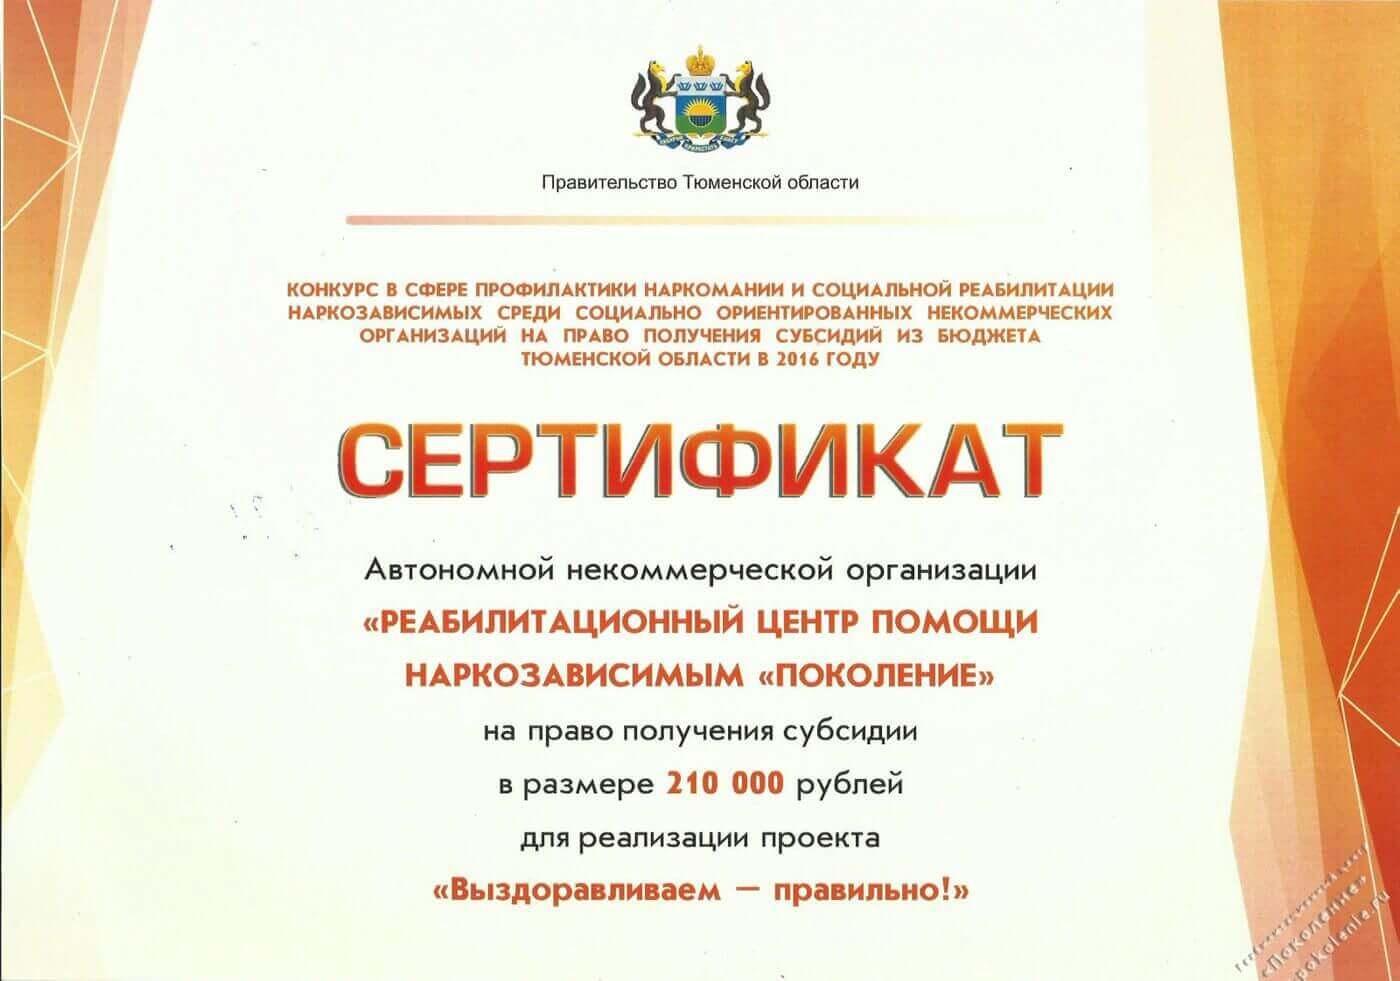 Сертификат на право субсидии РЦ Поколение